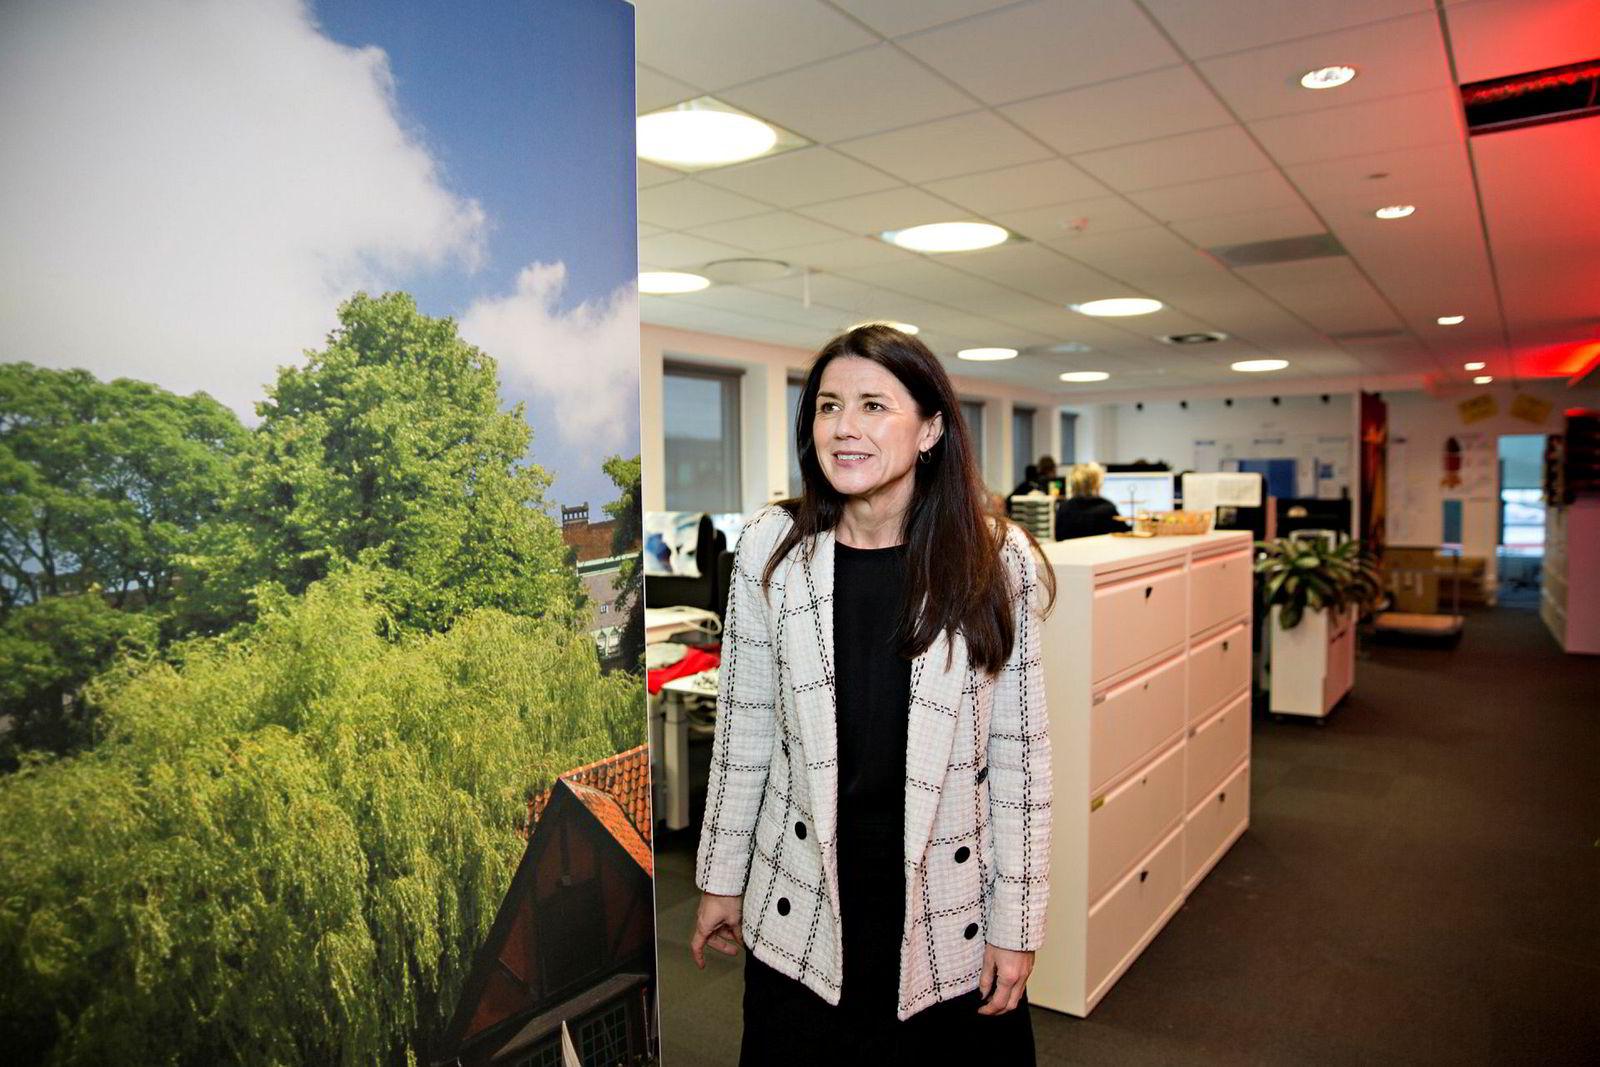 Astrid Simonsen Joos mener at alle ansatte, henne selv inkludert, kan vurderes etter de tre egenskapene hun legger vekt på ved rekruttering.